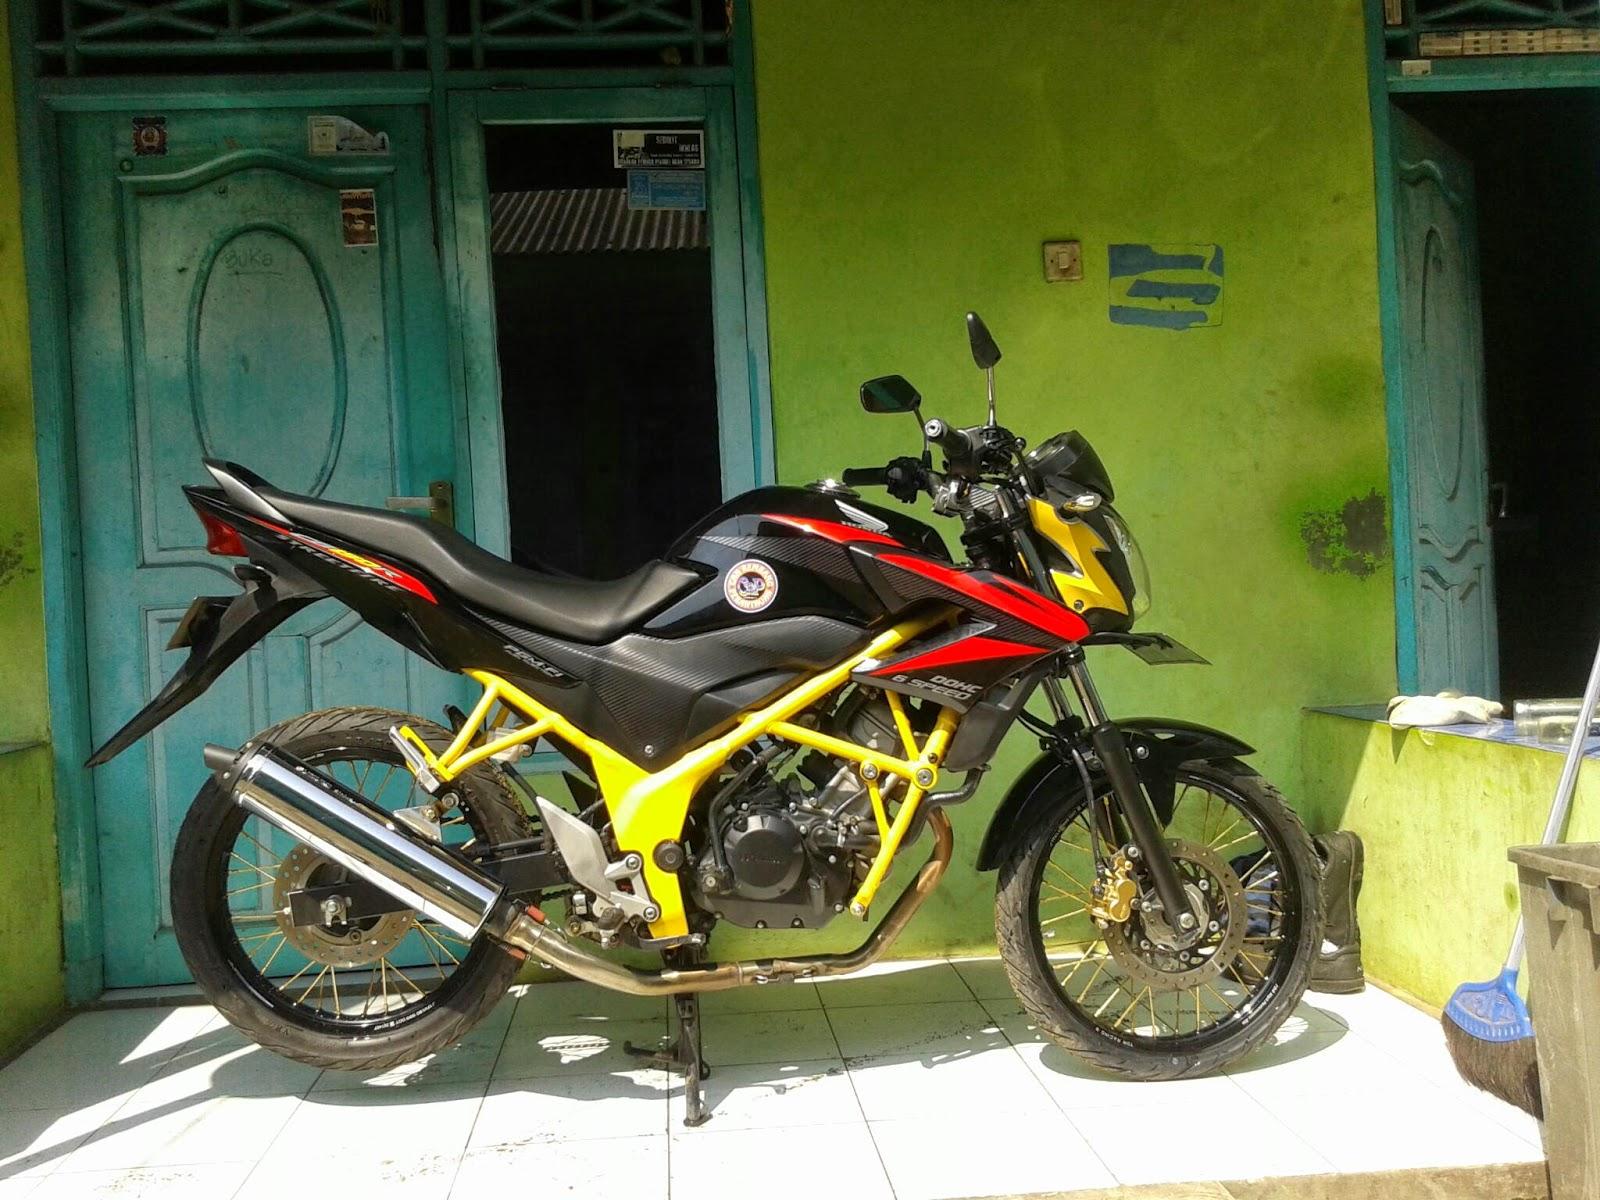 106 Modif Motor Cb 150 R Jari Jari Modifikasi Motor Honda Cb Terbaru